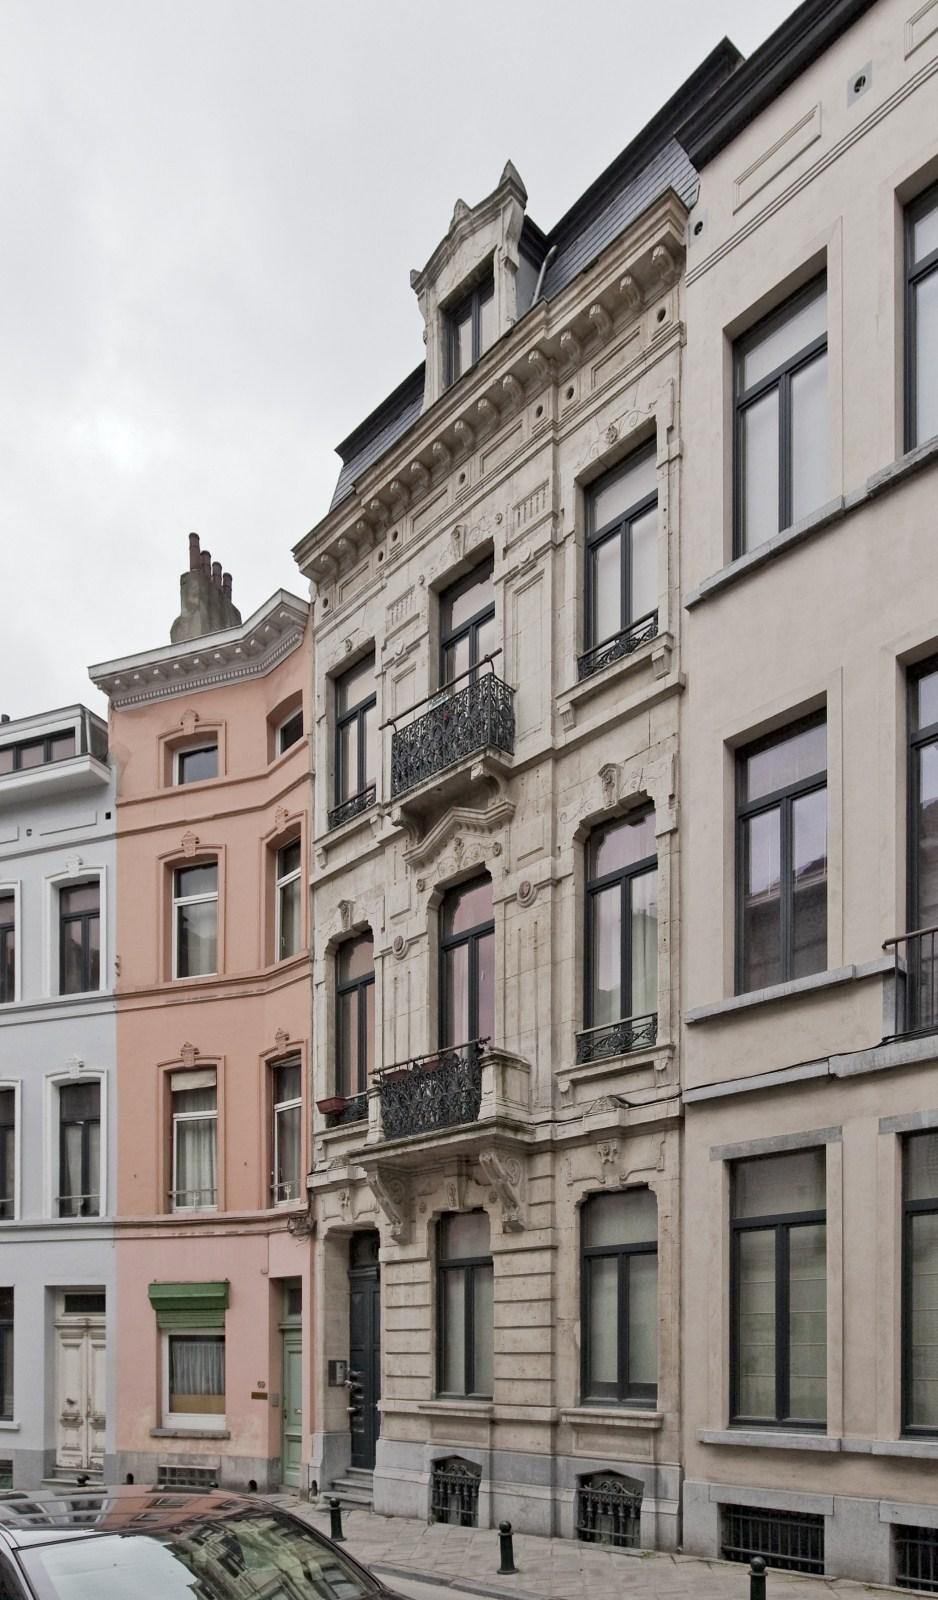 Rue de Stassart 67.© 2009 © bepictures / BRUNETTA V. – EBERLIN M.